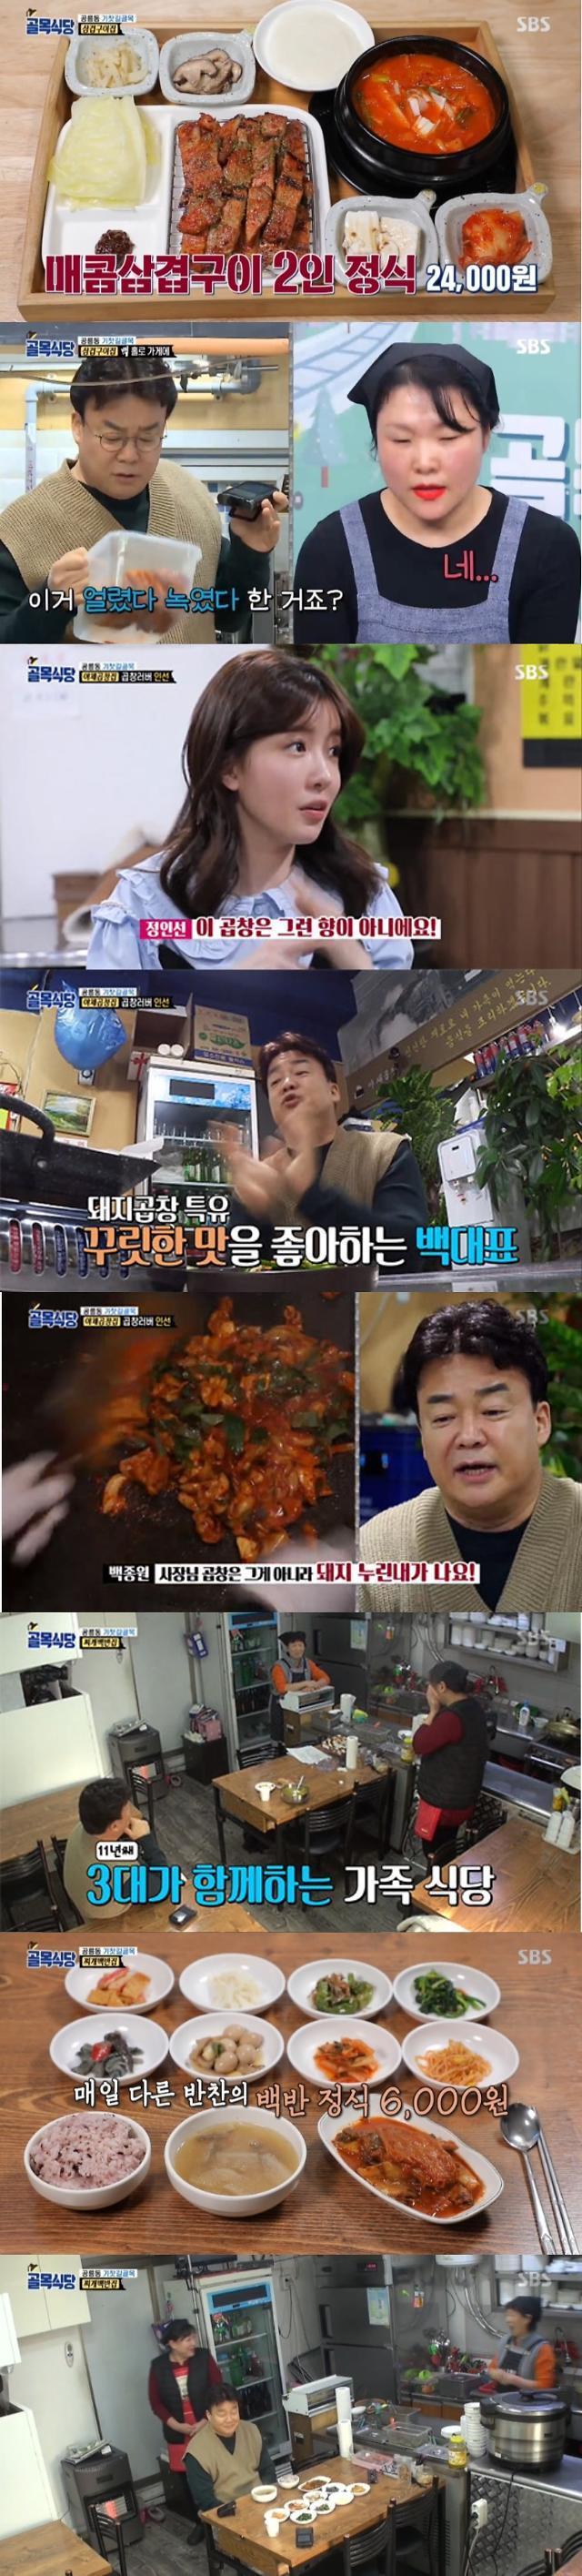 """[간밤의 TV] 골목식당 """"요새는 이런 식당 없다"""" 백종원도 반한 '찌개백반집'···10.2% '최고의 1분'"""